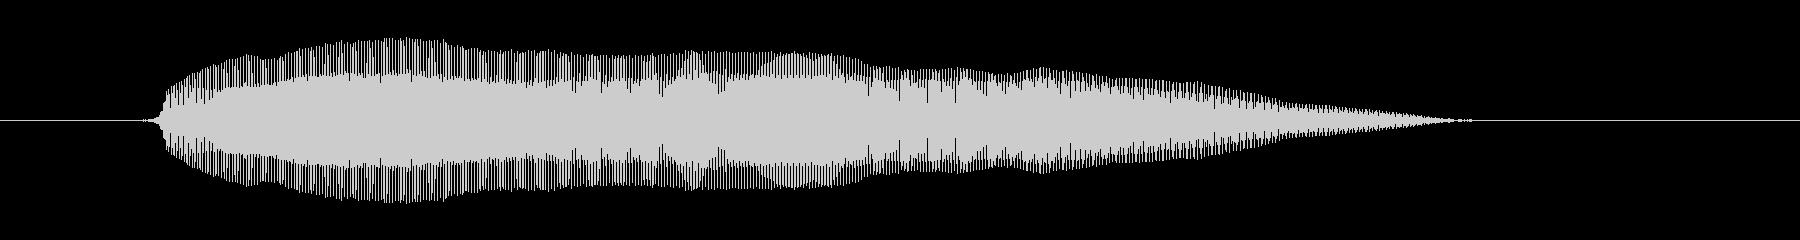 ううー 's unreproduced waveform